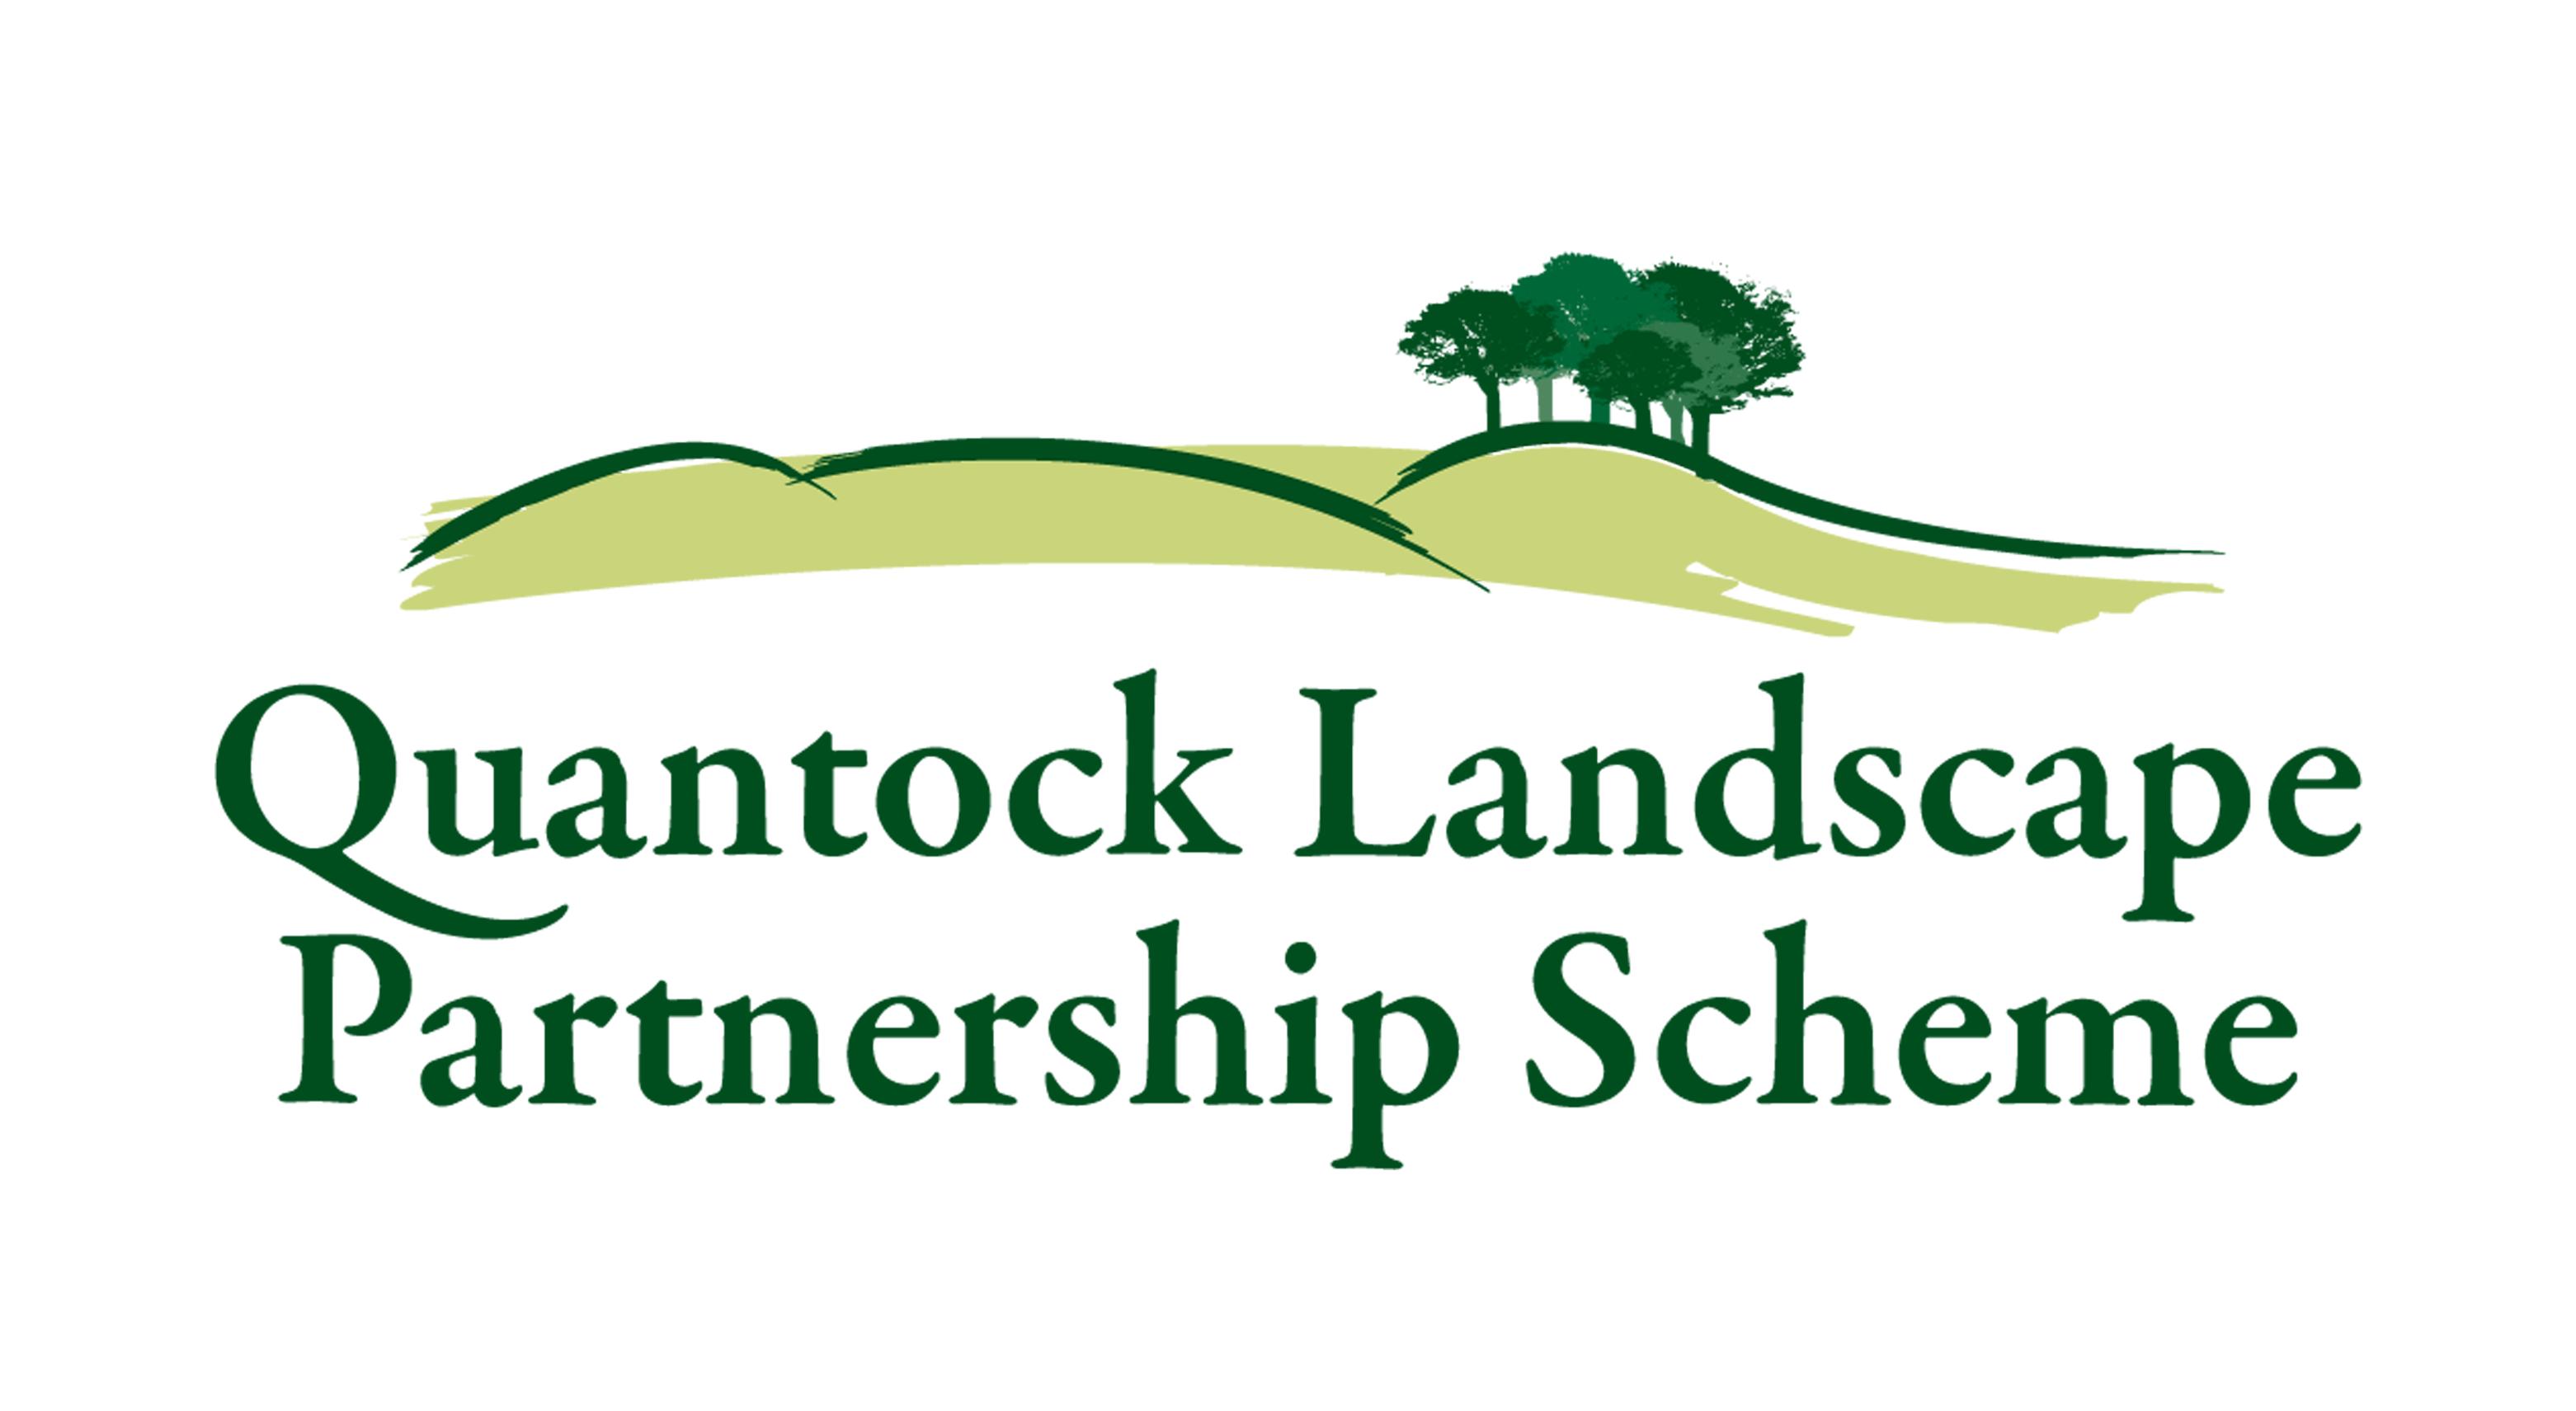 QLPS, Quantock Landscape Partnership Scheme